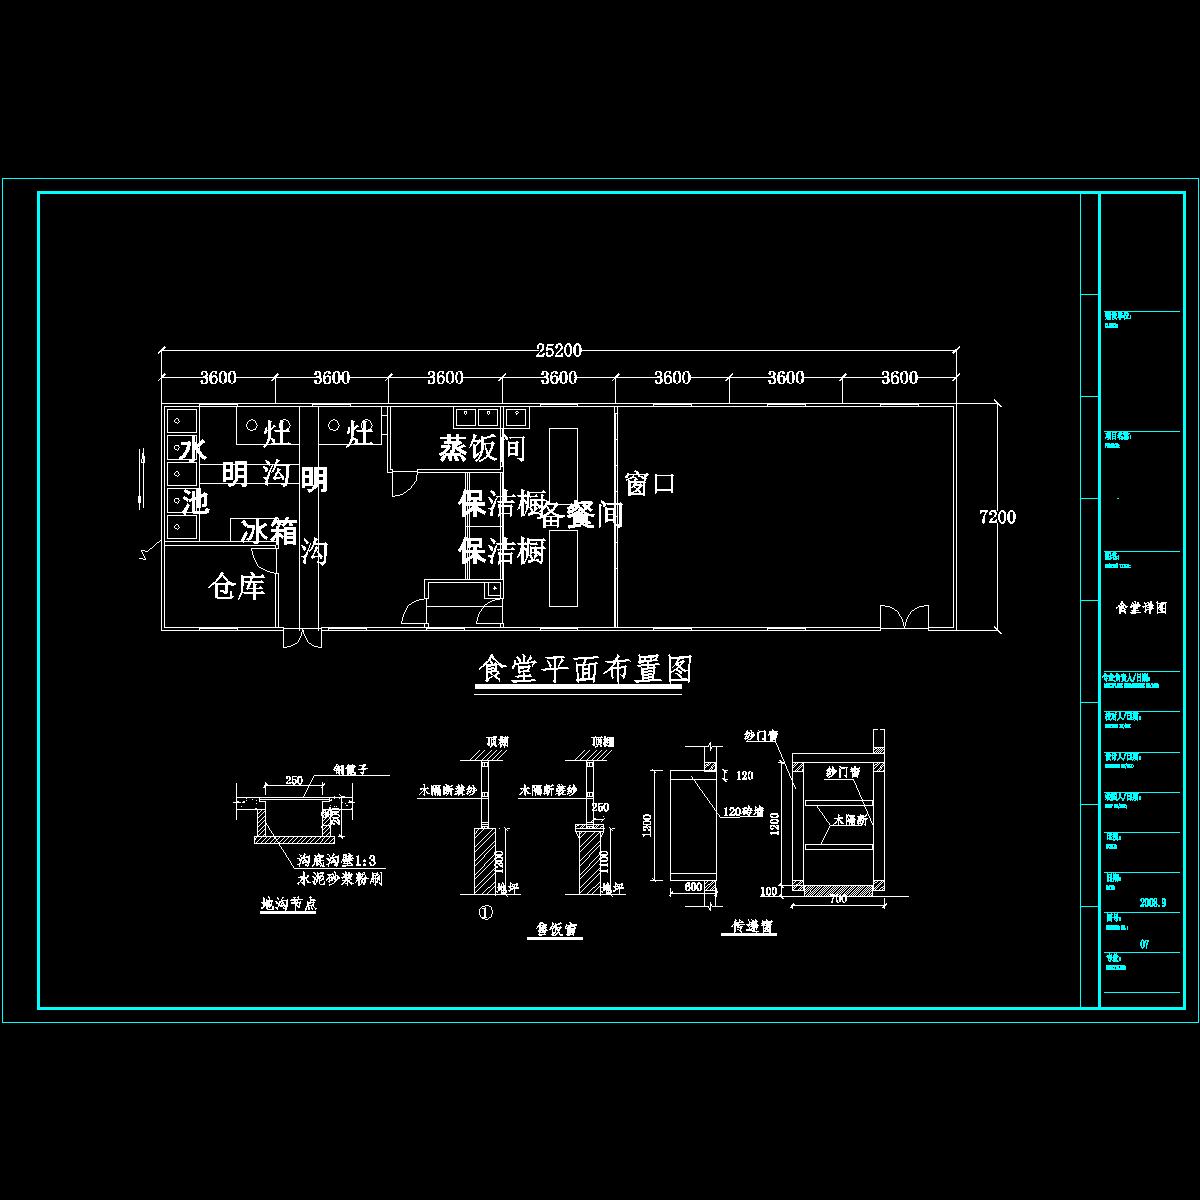 07食堂平面布置图.dwg